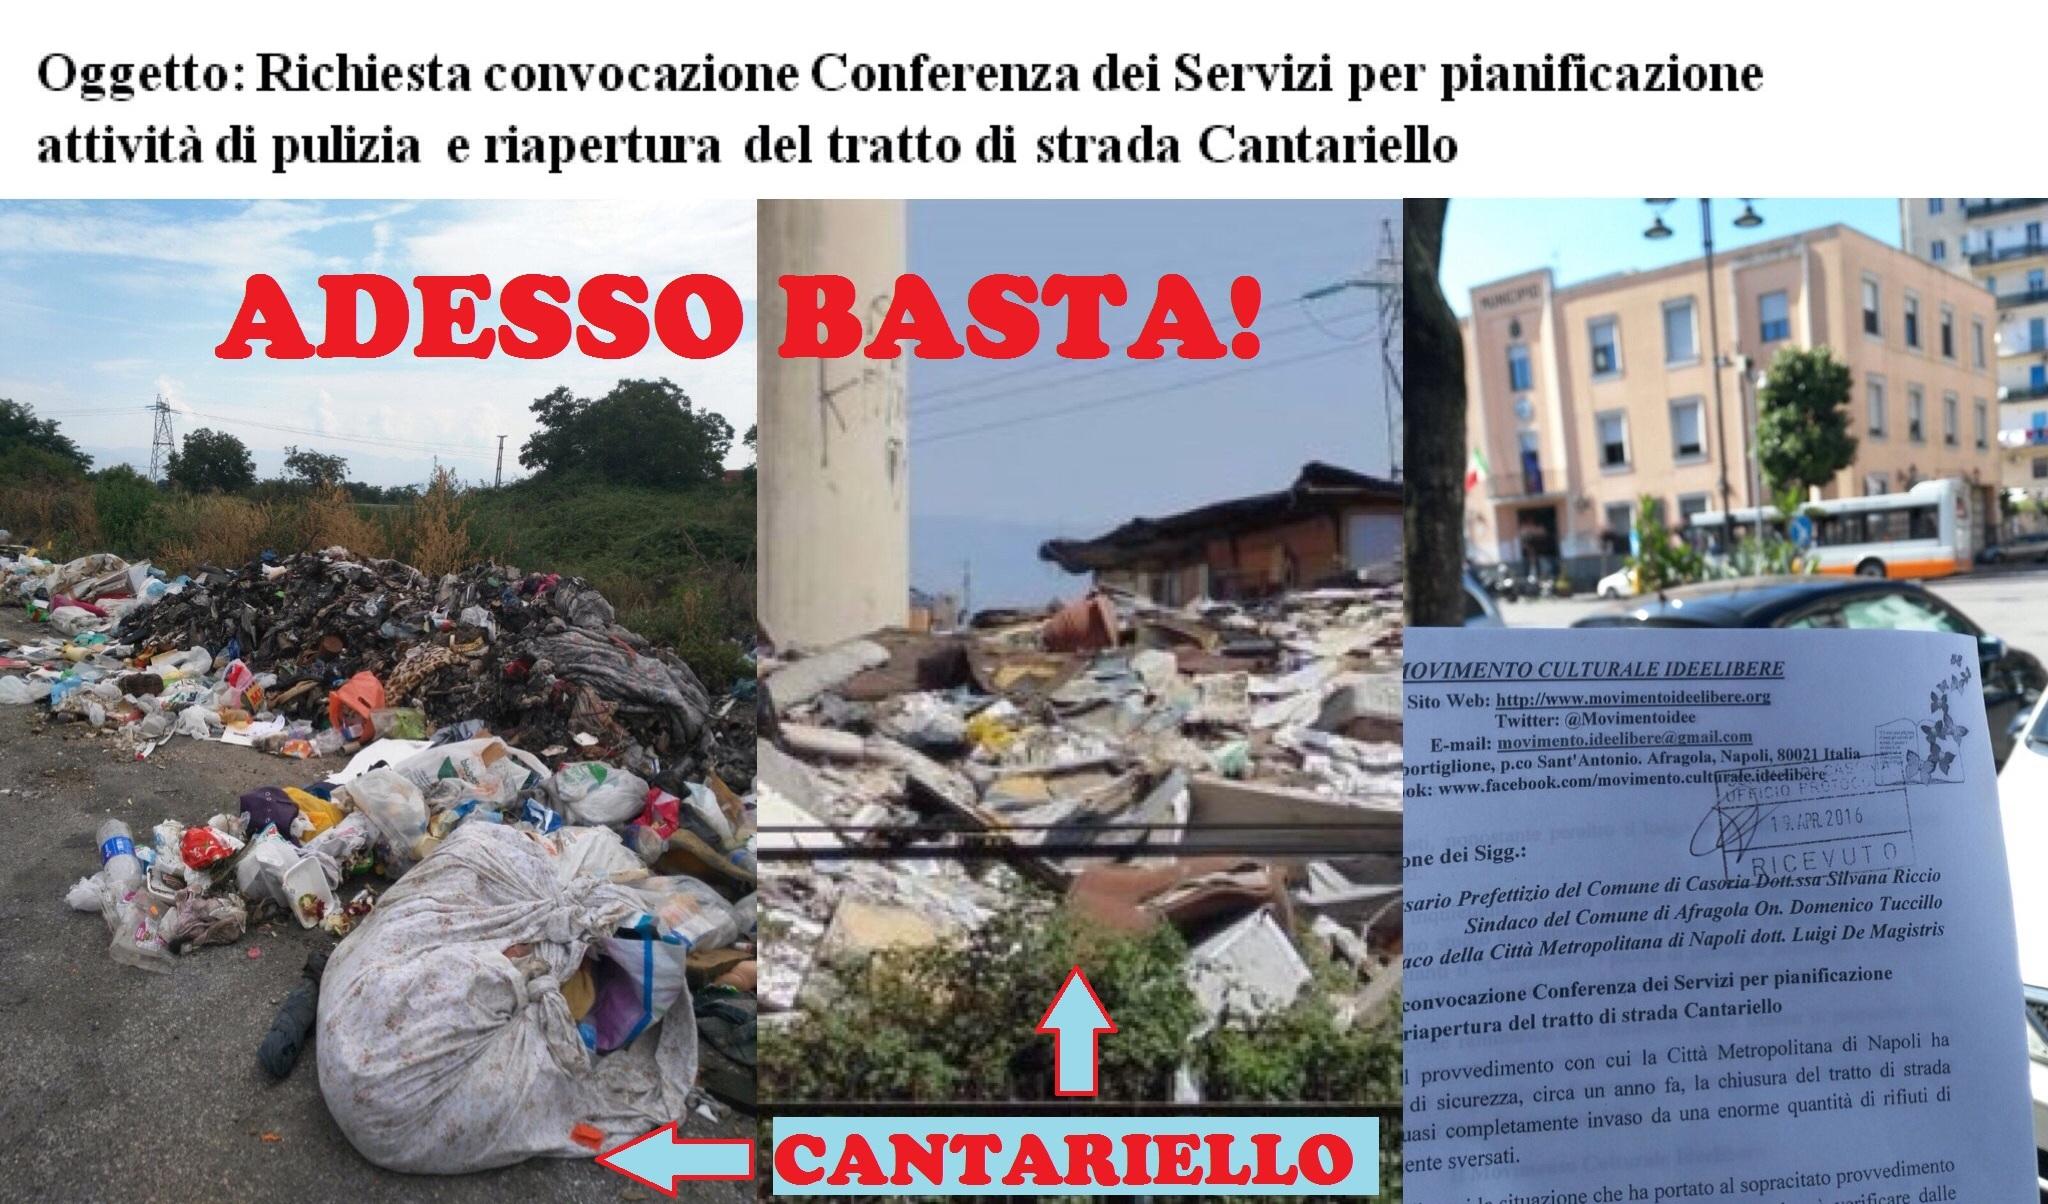 EMERGENZA AMBIENTALE al Cantariello: adesso basta!